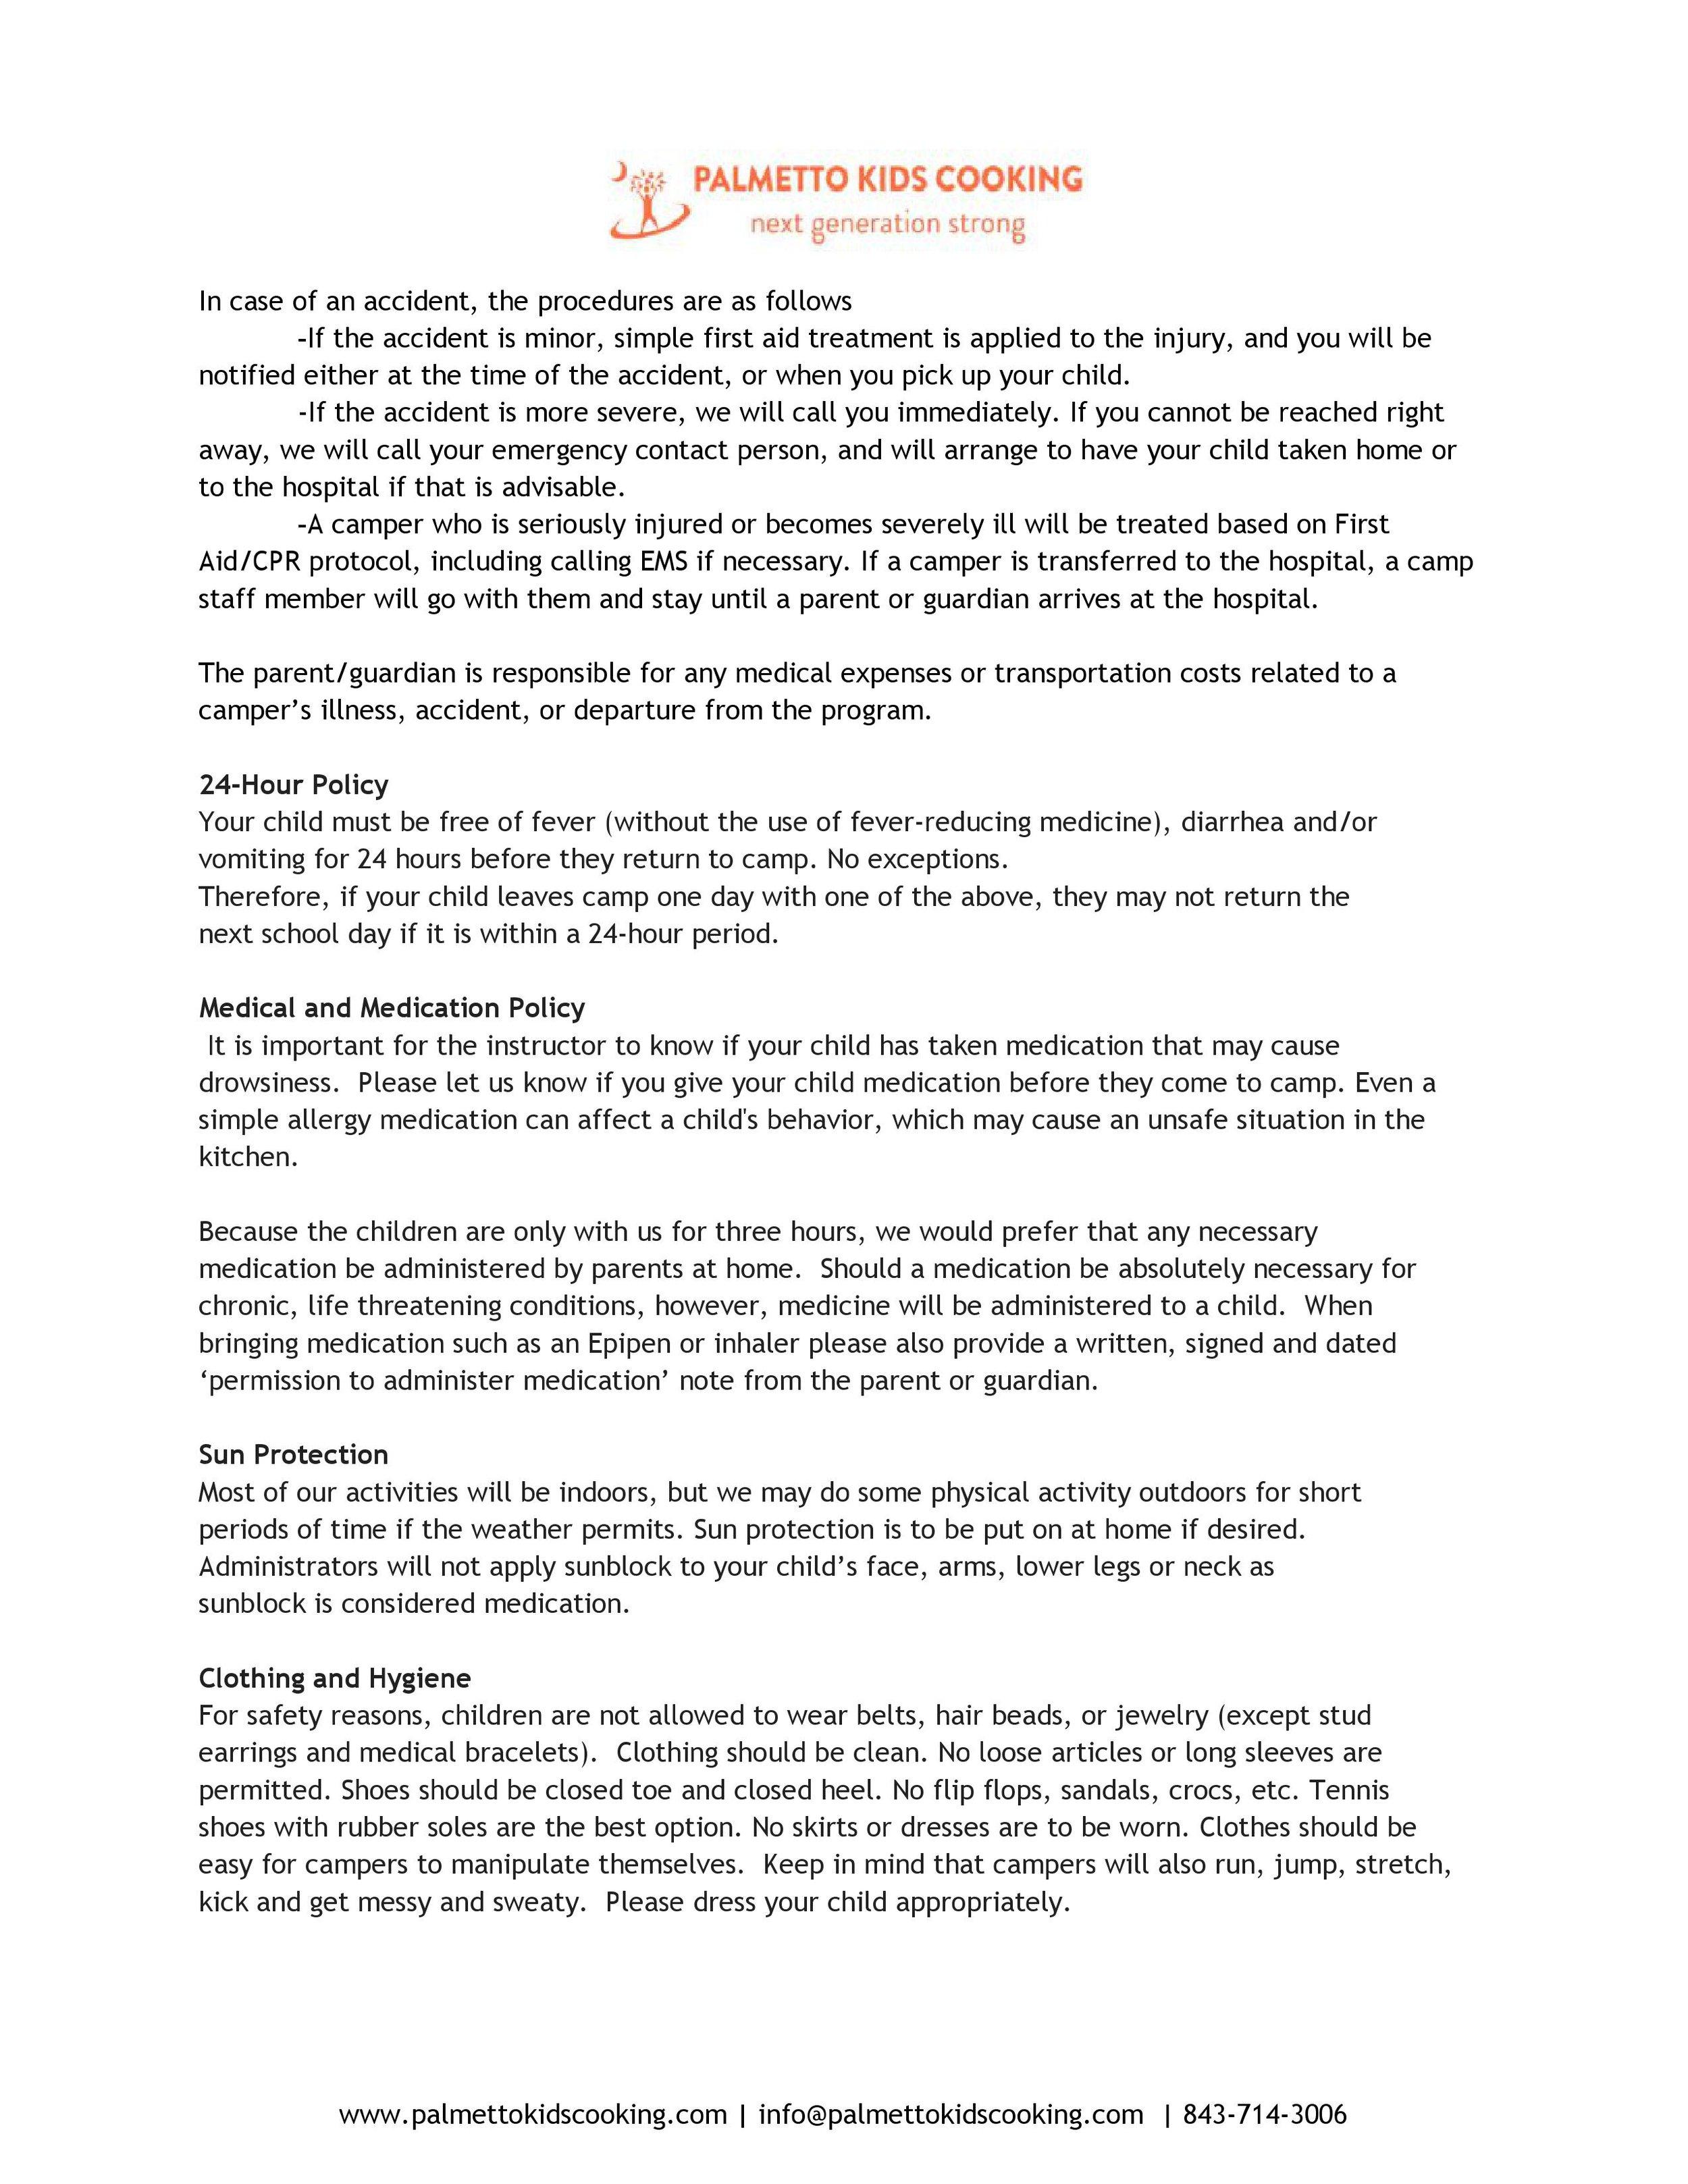 Parent Handbook (5).jpg